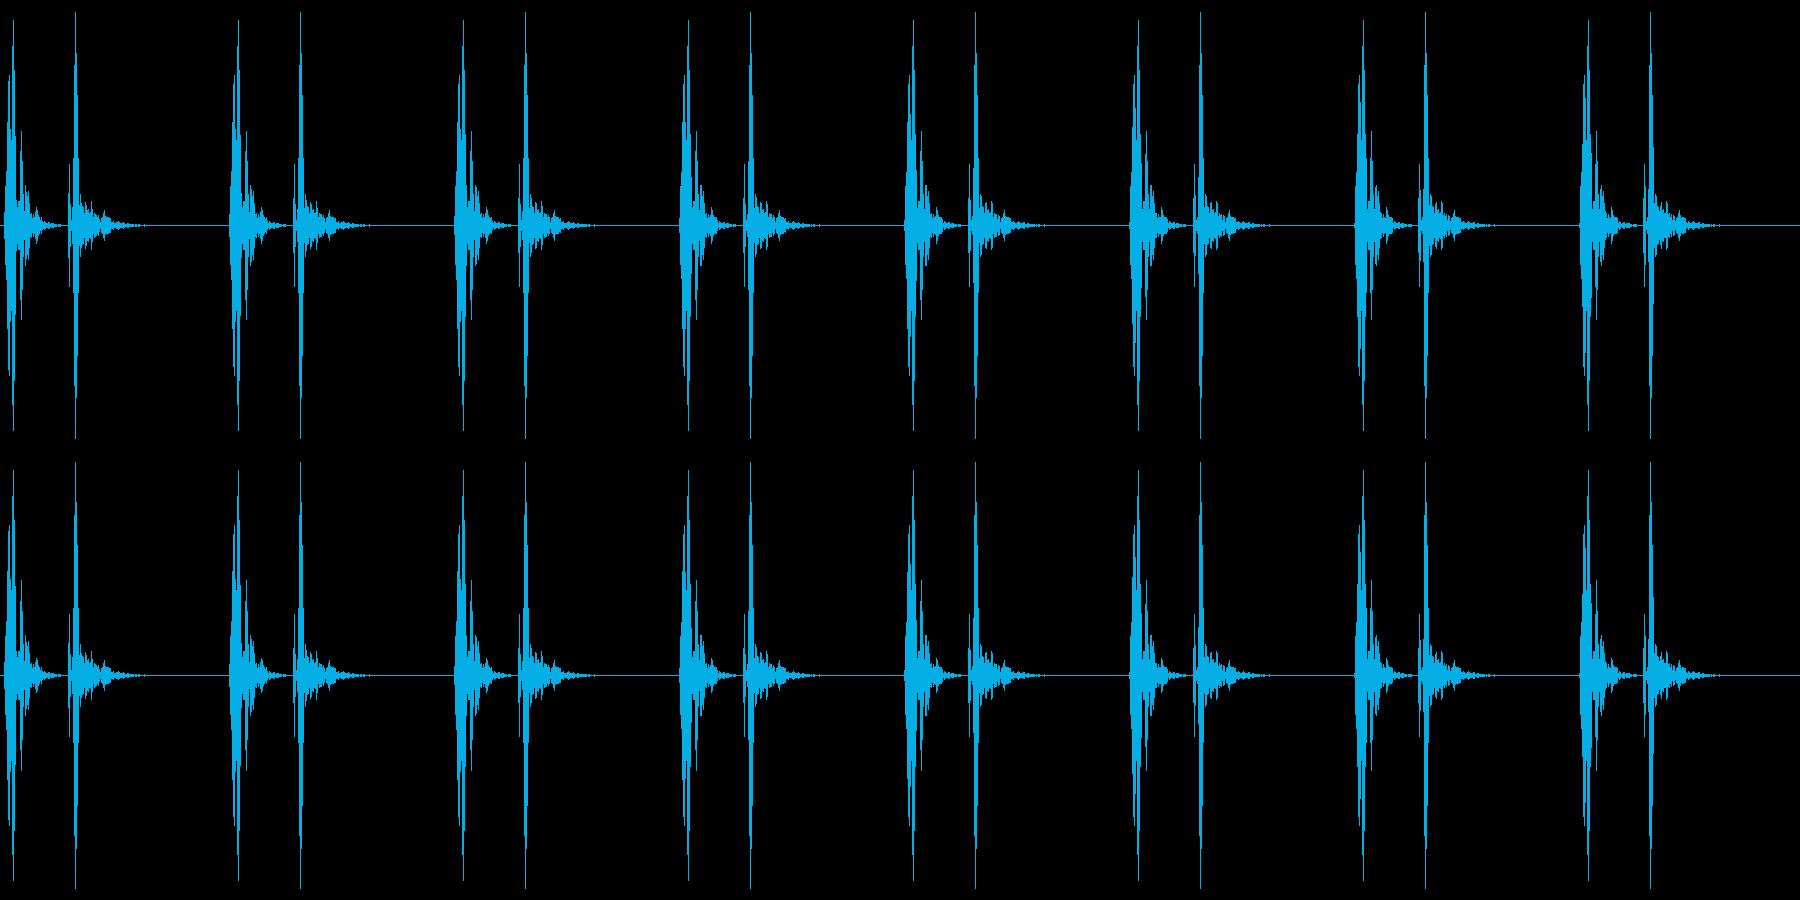 【 心臓 】ドックンドックン (速め)の再生済みの波形